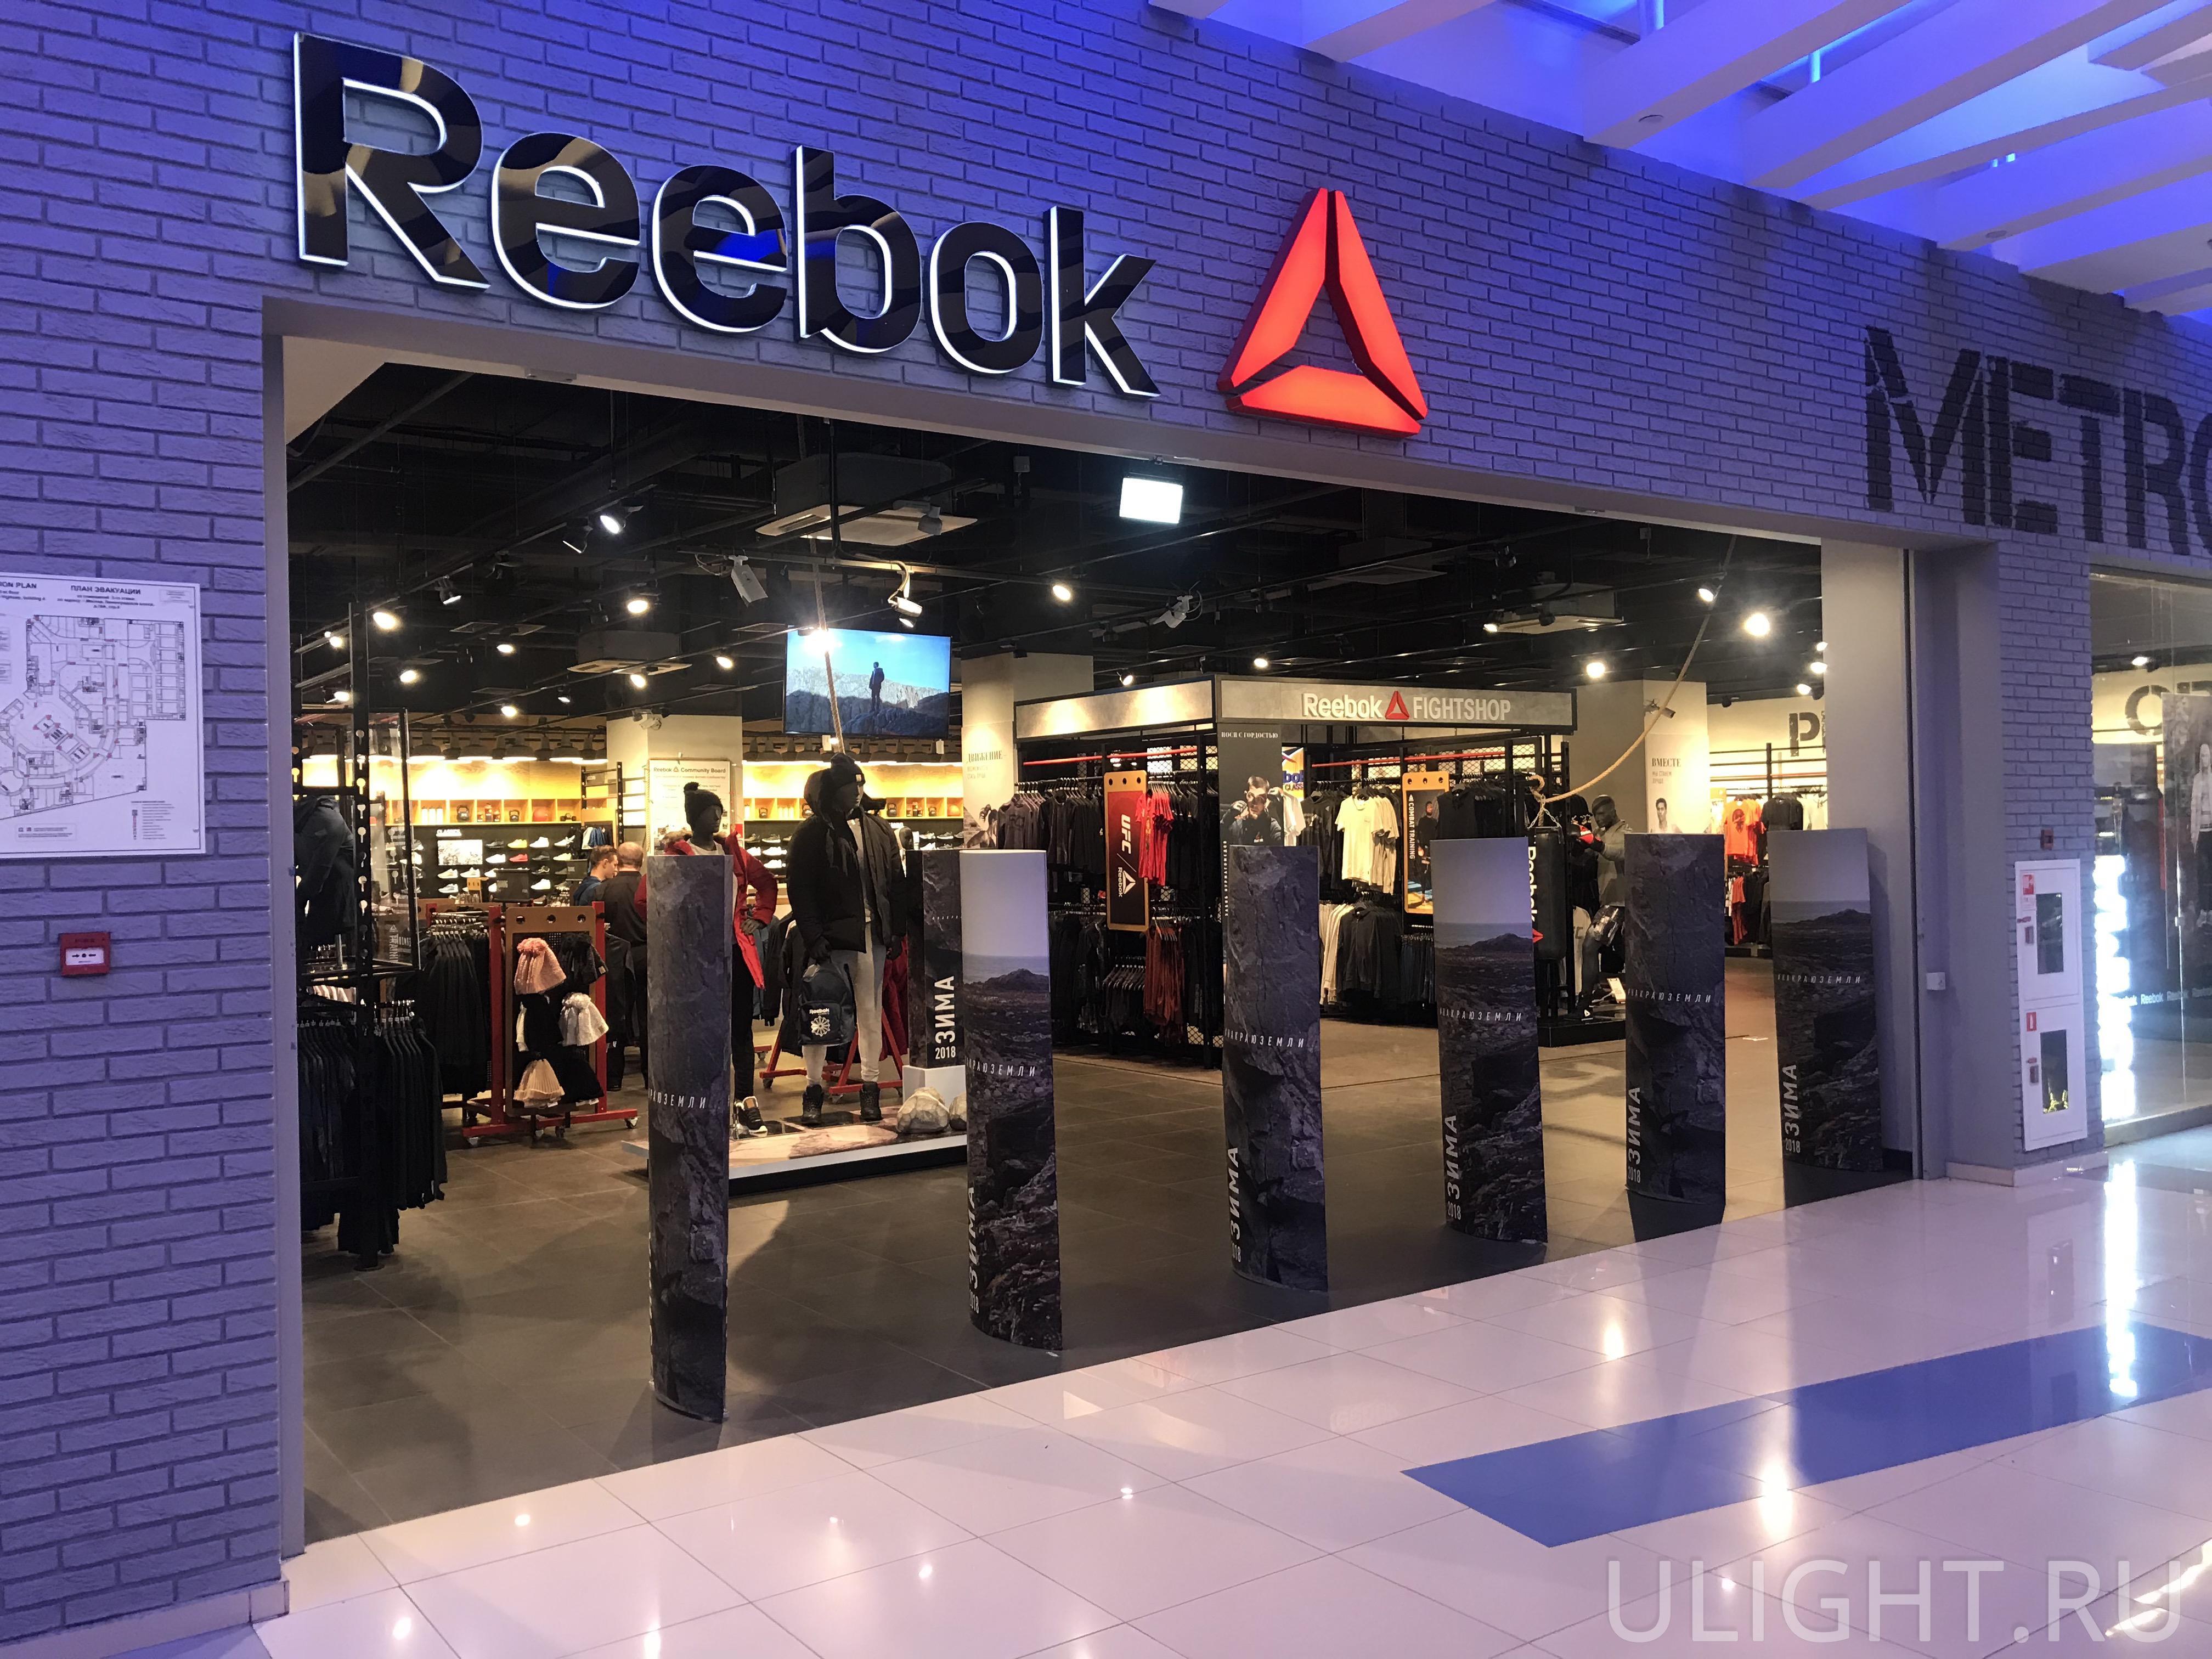 bf08cdff186b Проект освещения    Фирменный магазин Reebok в метрополисе